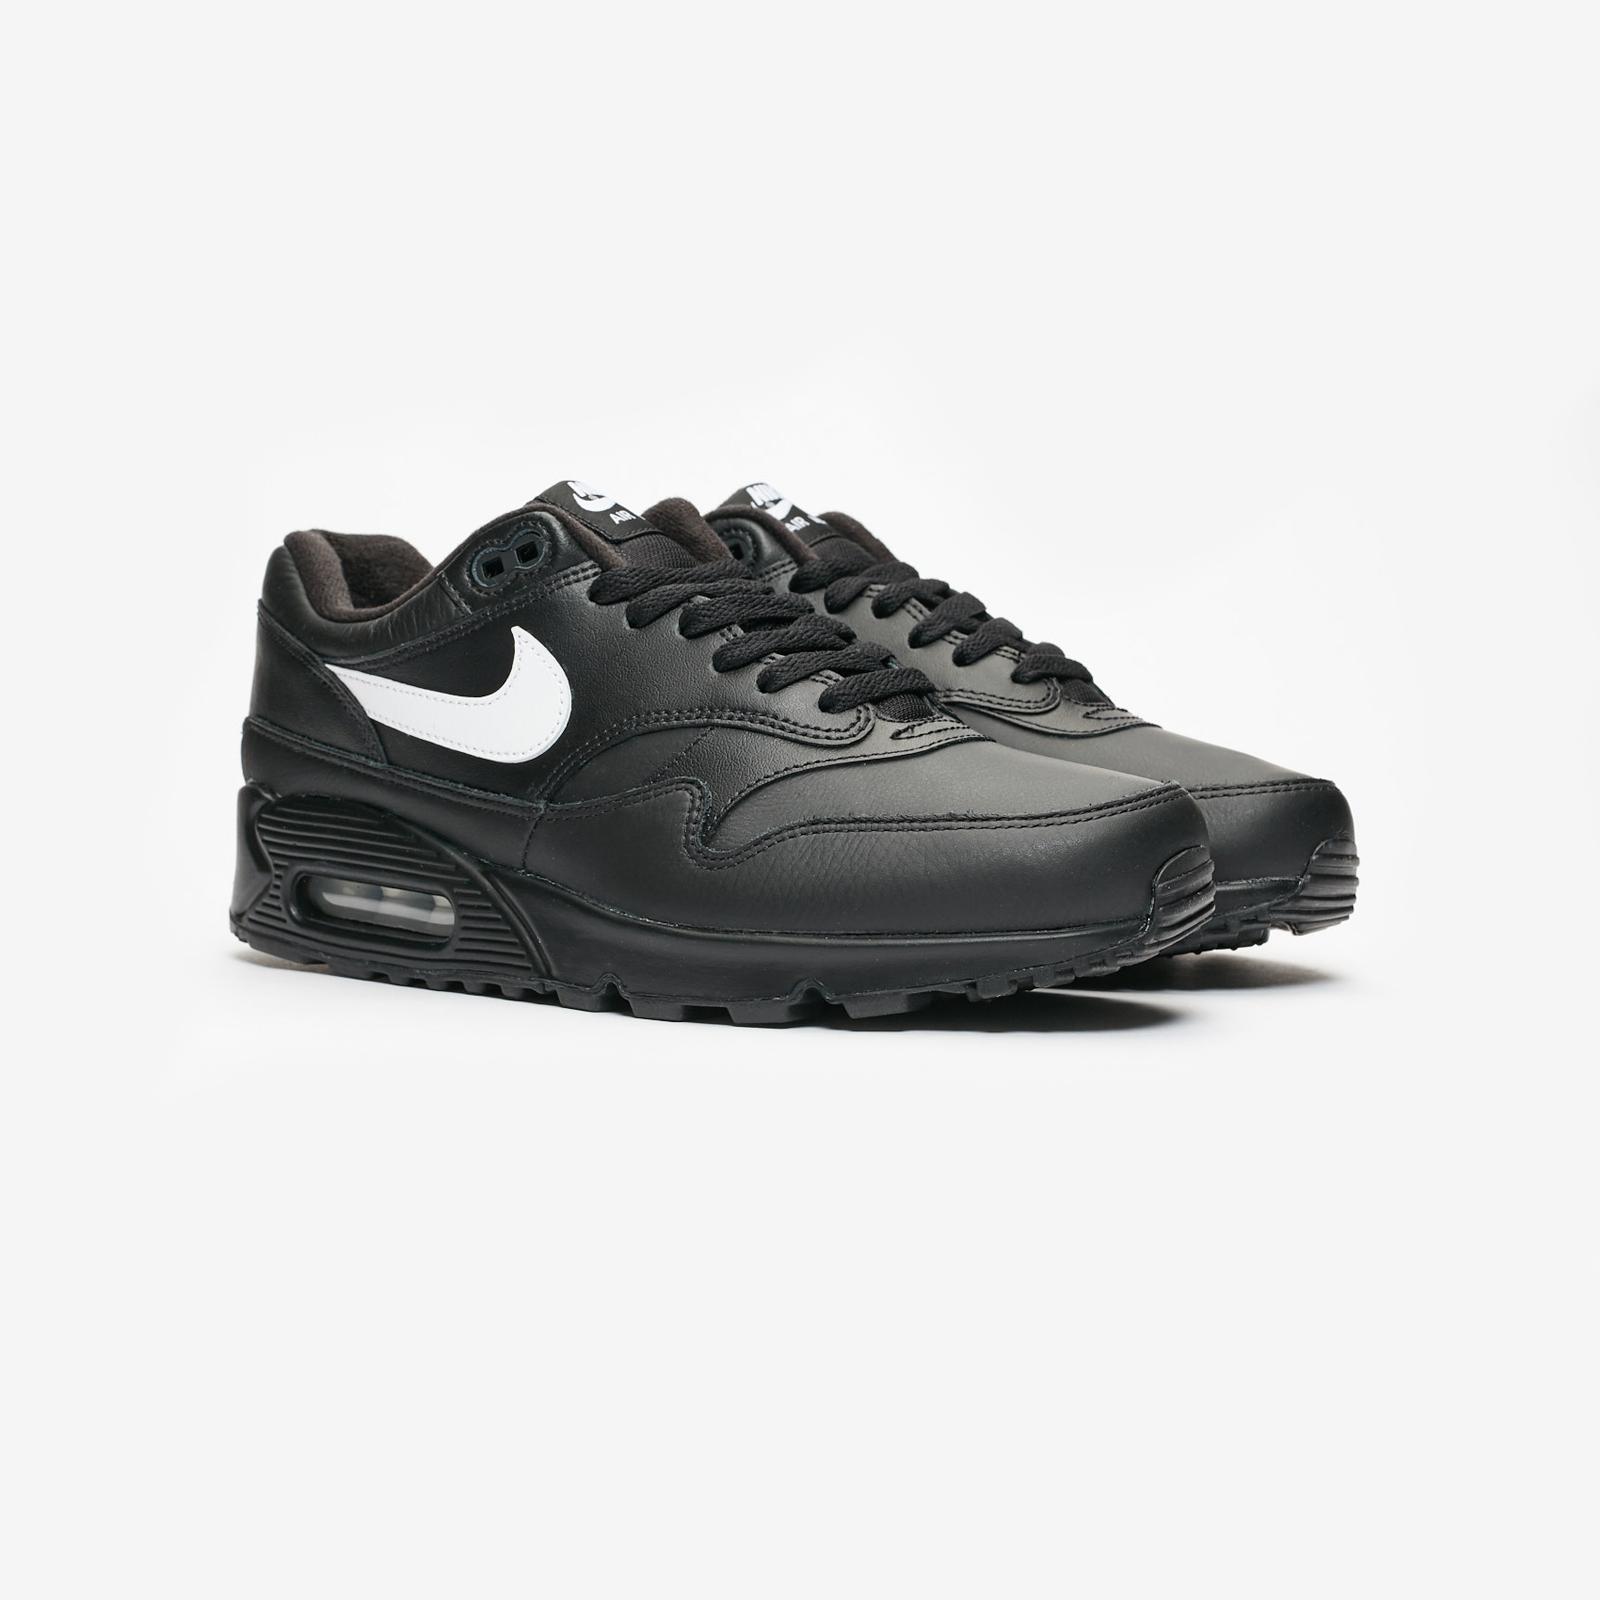 Max Nike 901 SneakersnstuffSneakers Air Aj7695 001 0nwO8Pk